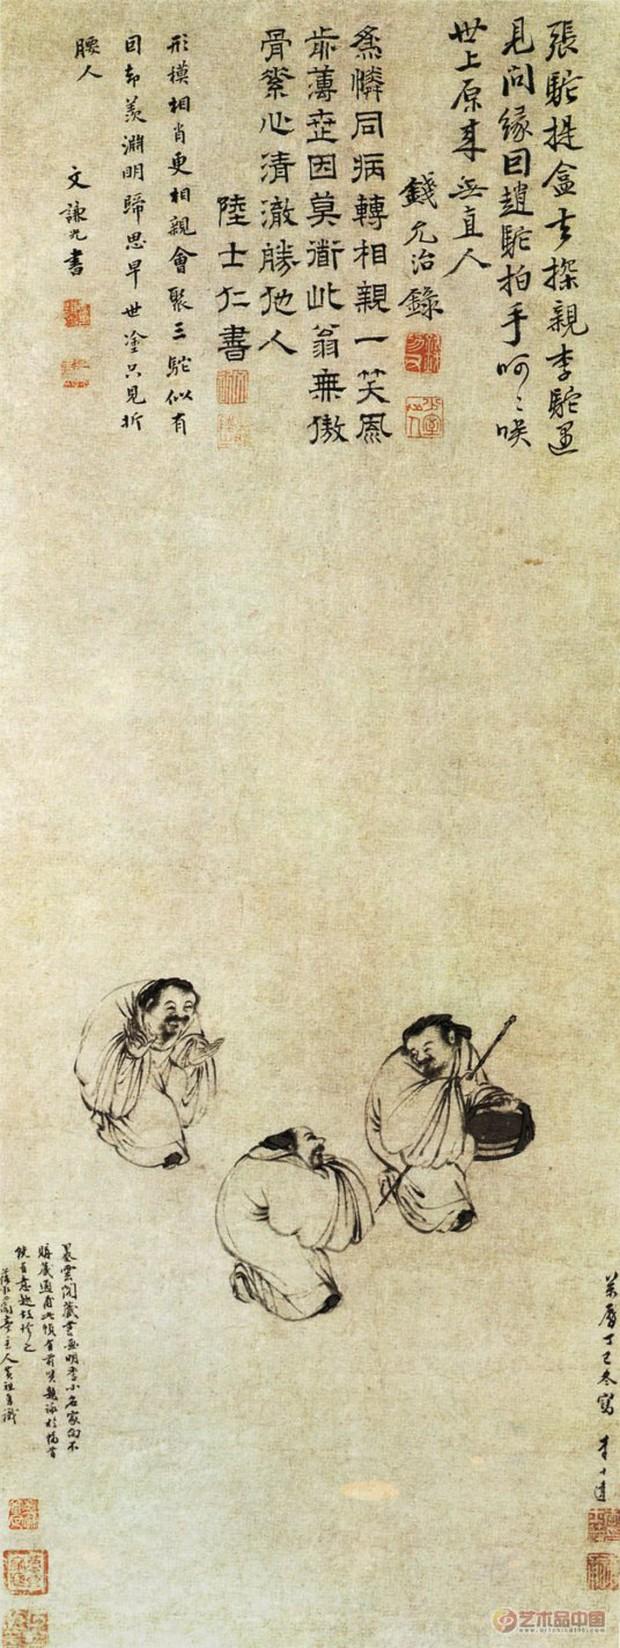 Phóng to 3 lần bức tranh kỳ lạ vẽ 3 ông lão trong Bảo tàng Cố cung, chuyên gia thốt lên: Ai xem cũng phải chột dạ! - Ảnh 1.